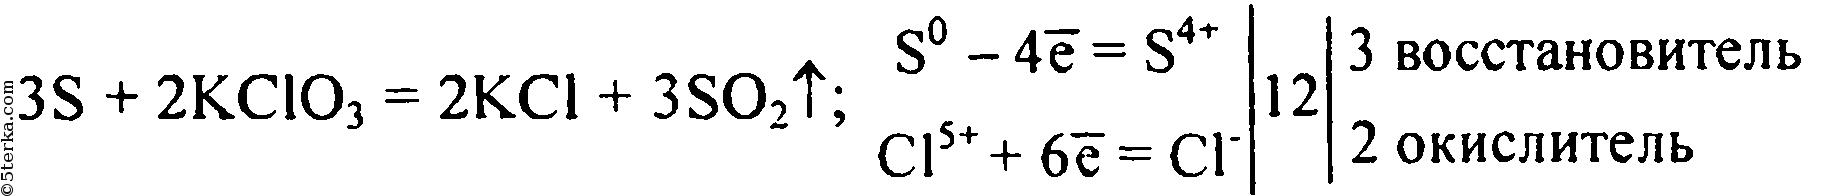 ее образуется хлорид калия